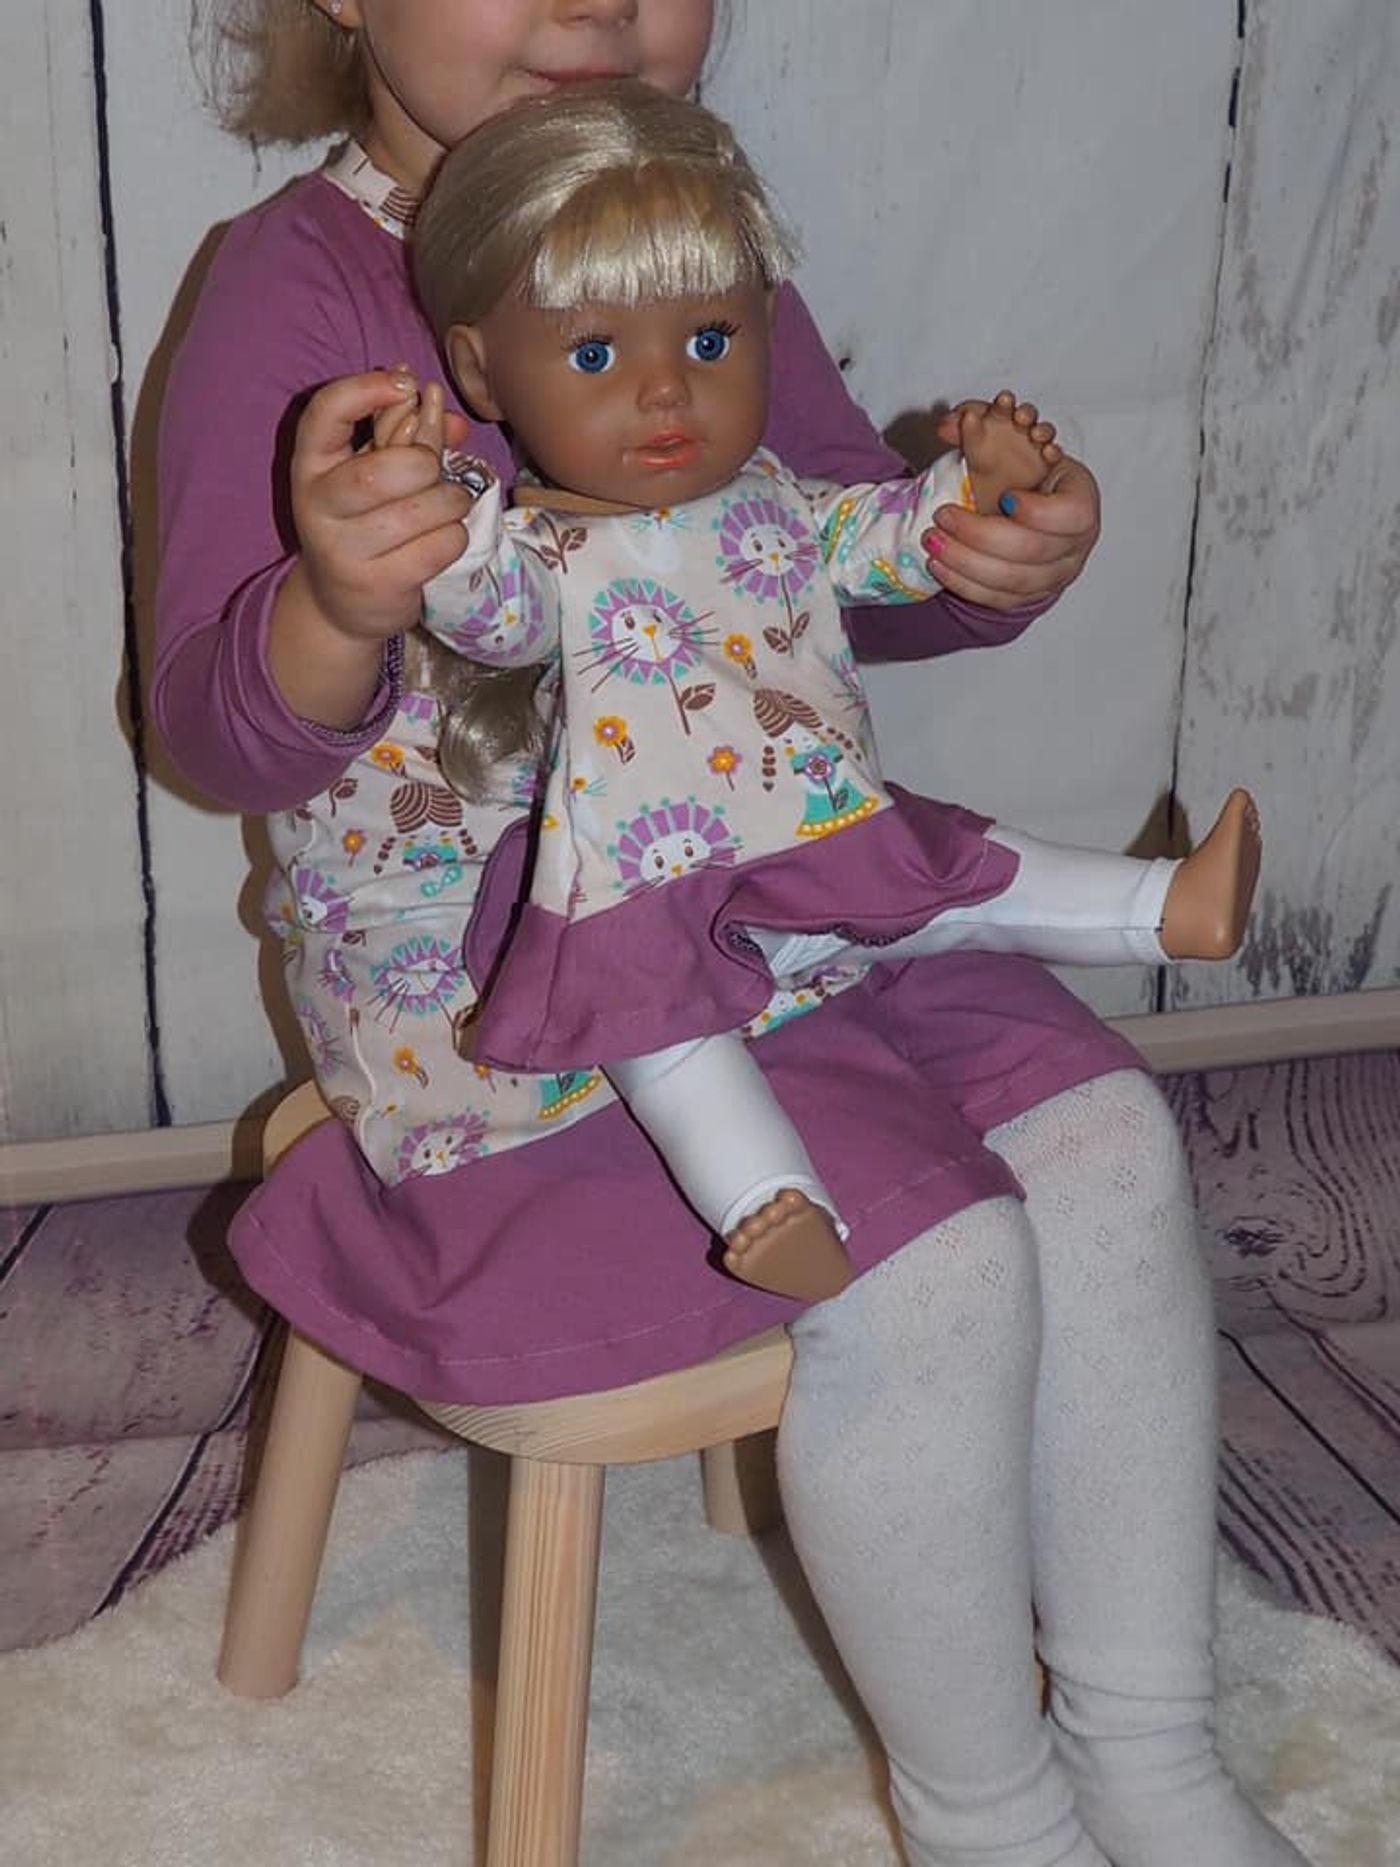 Produktfoto 4 von Happy Pearl für Schnittmuster Little SUNdrina + Happy SUNdrina Tunika/Kleid und 43cm Puppenschnitt